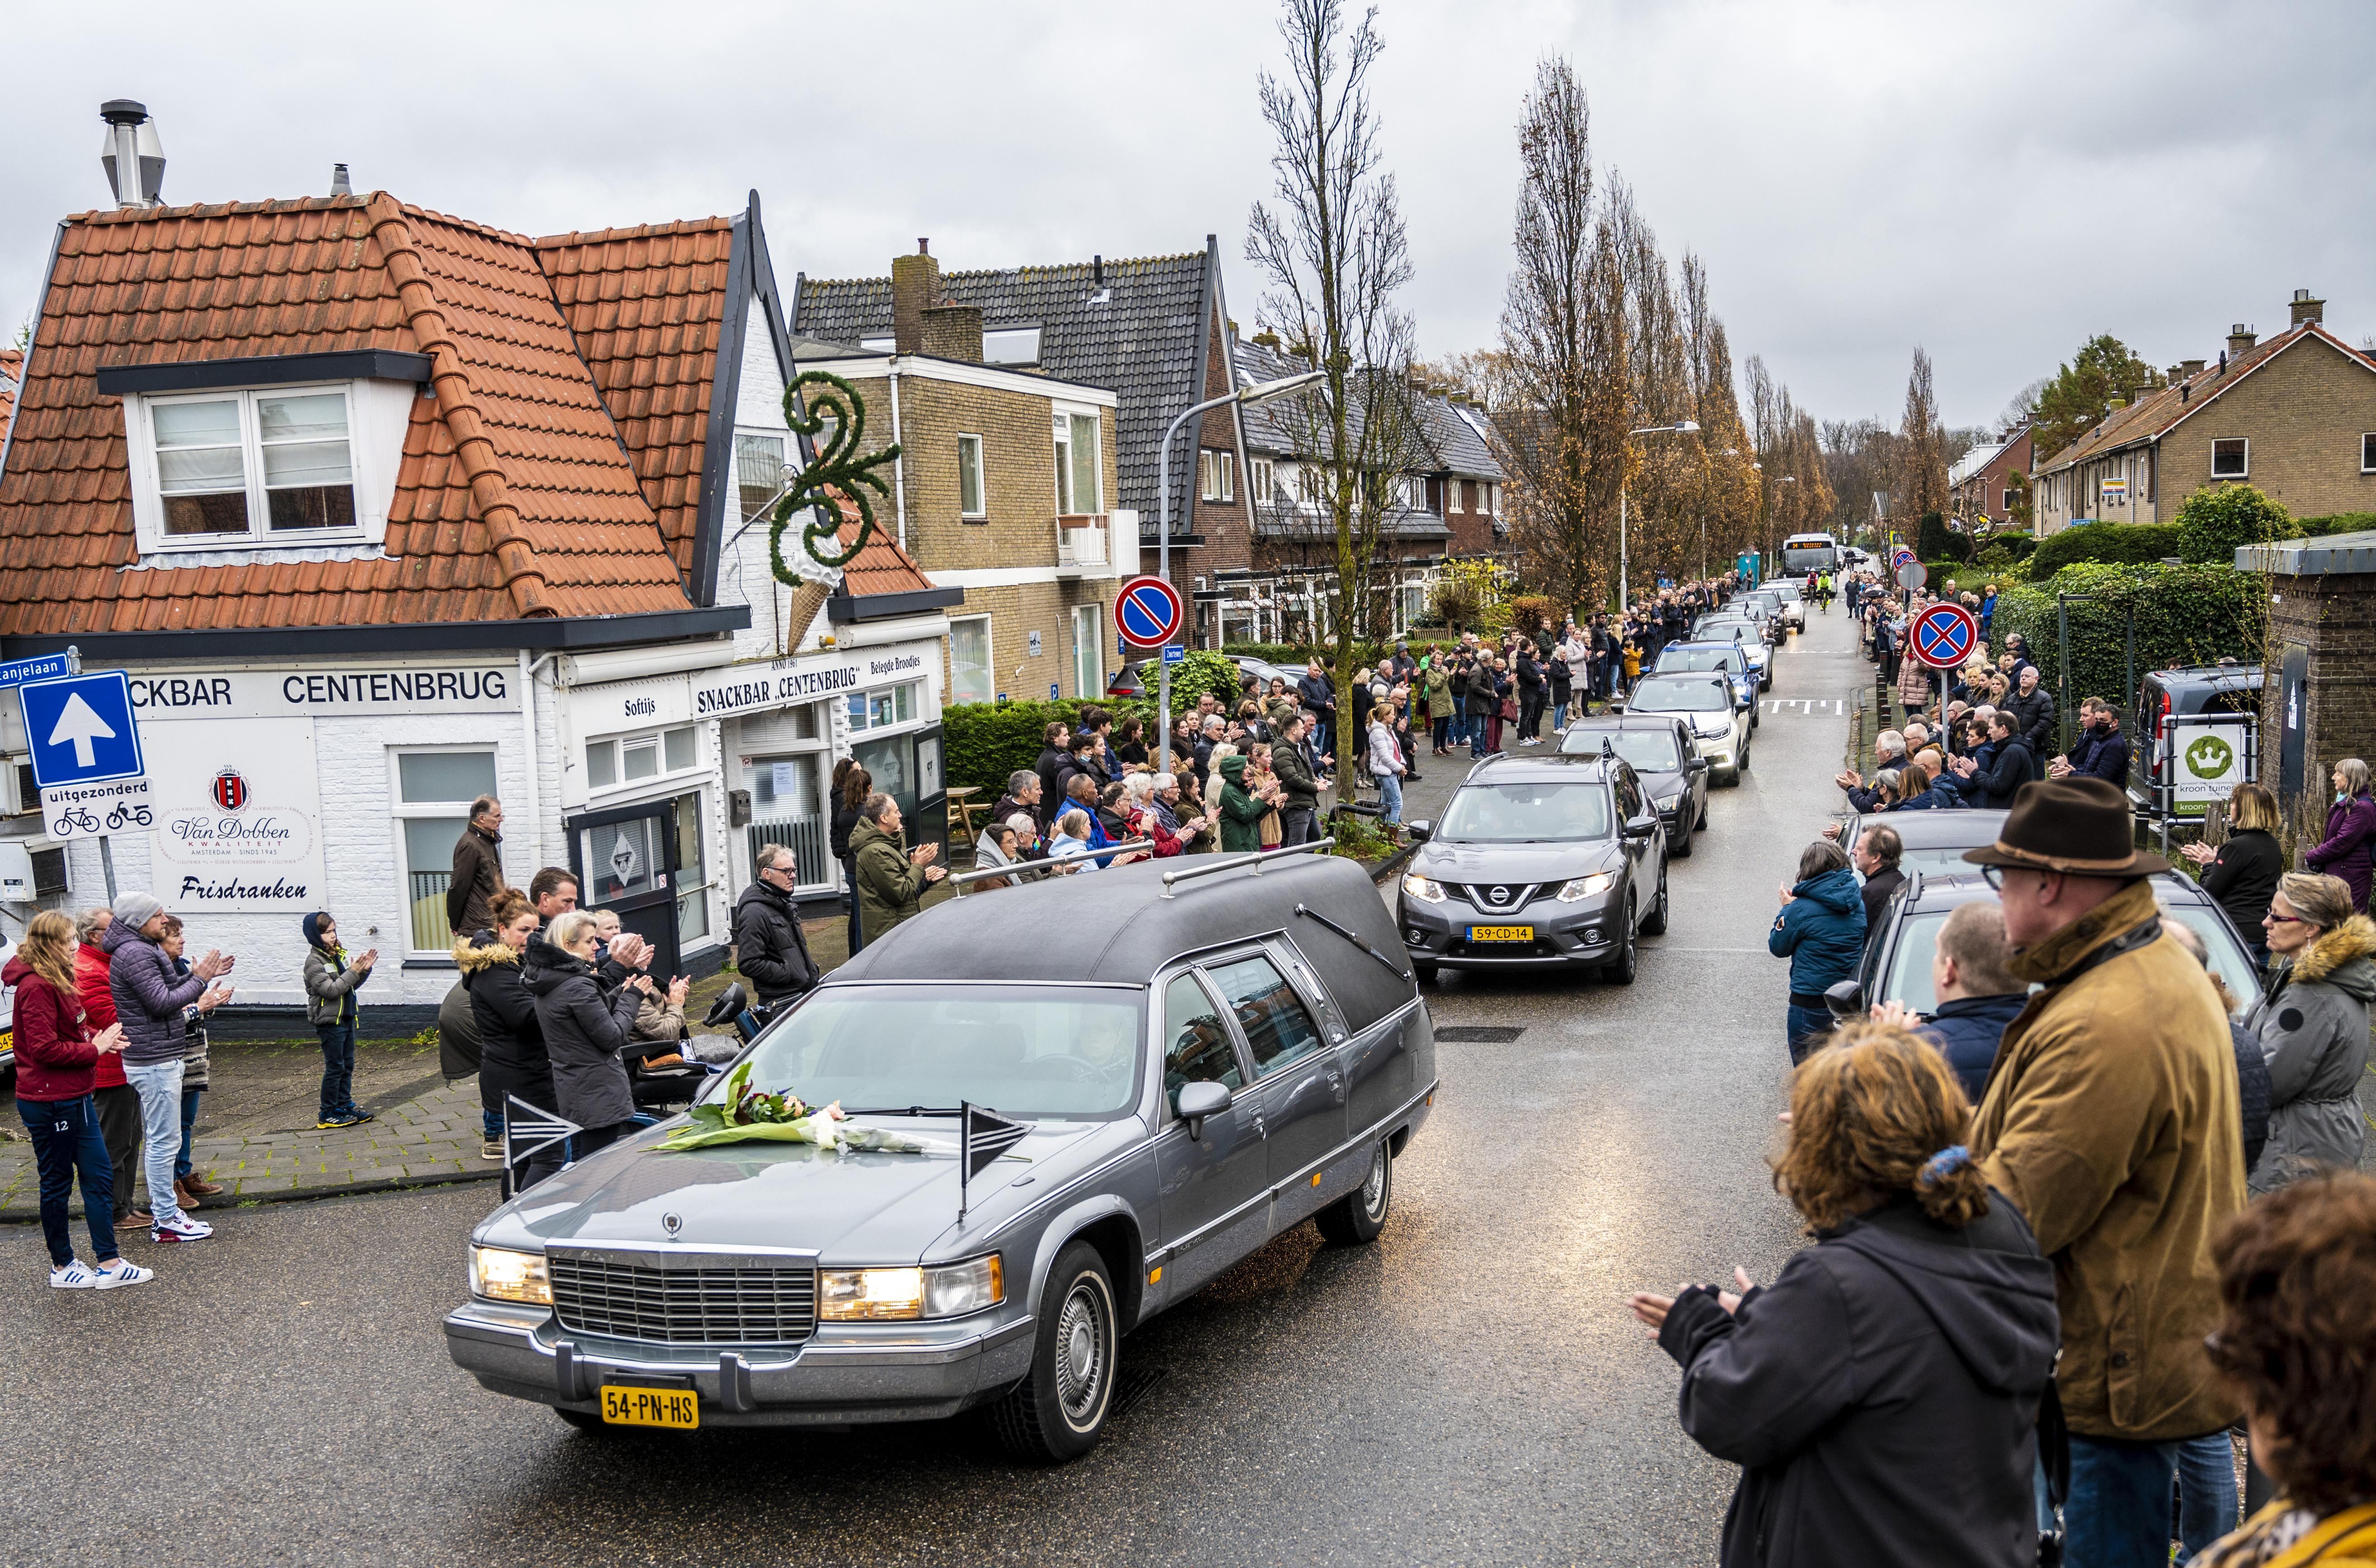 Buren en vaste klanten vormen erehaag voor Wim Keur van snackbar De Centenbrug in Bennebroek